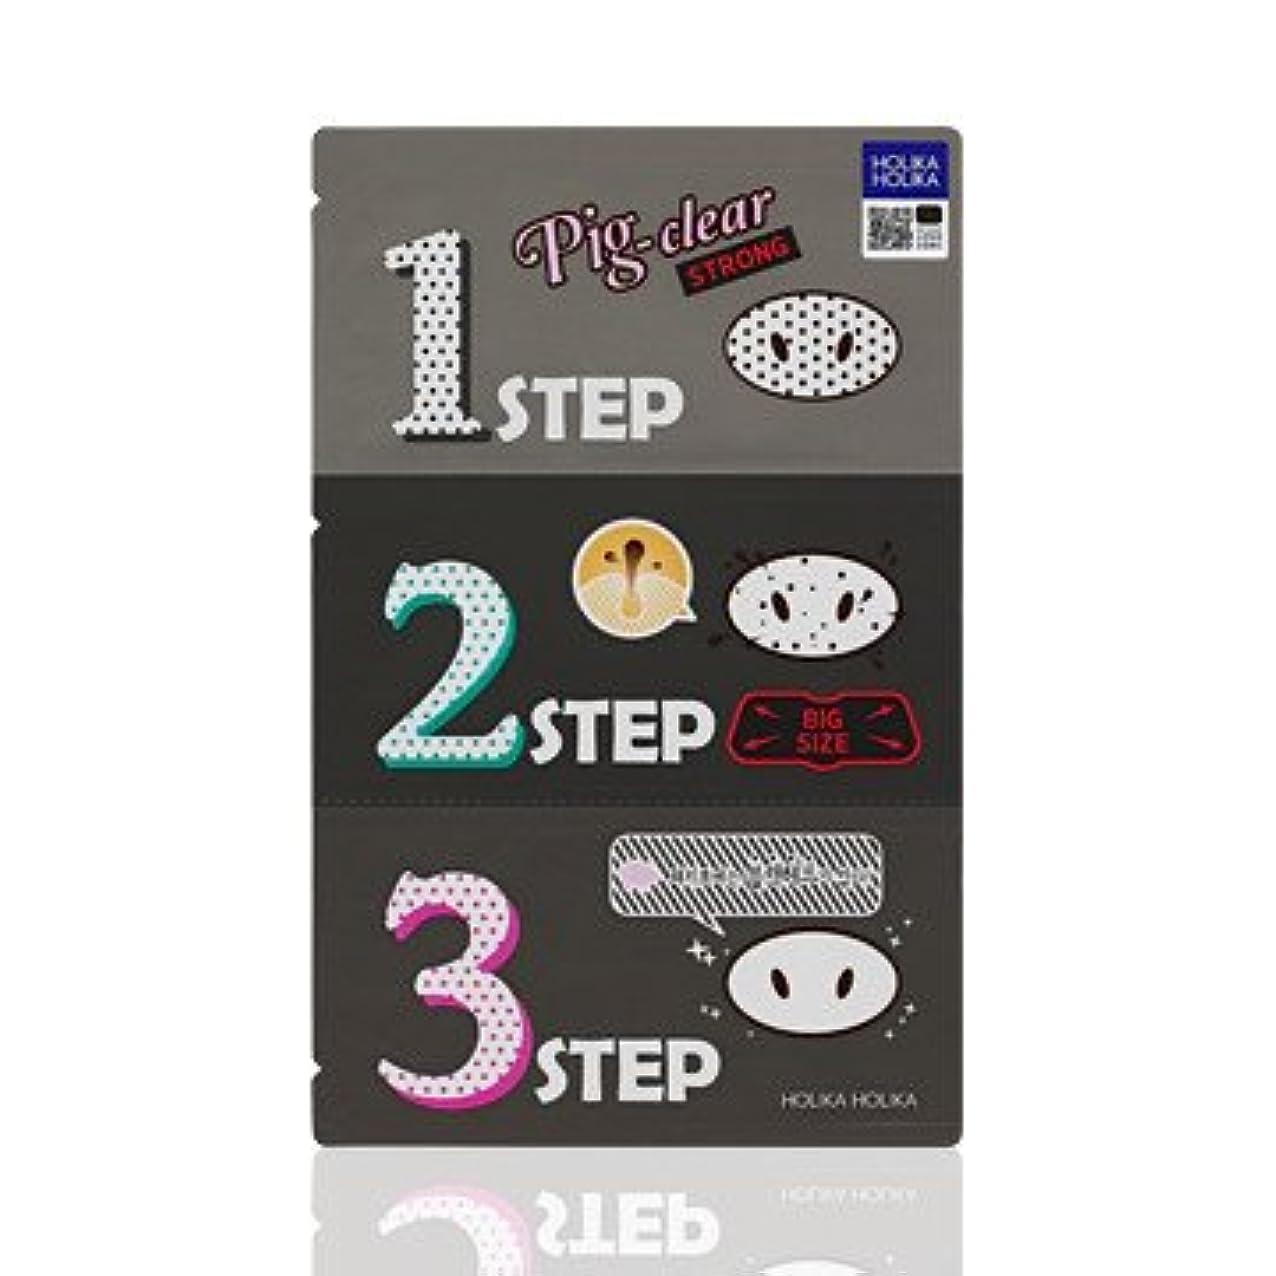 胴体水演じるHolika Holika Pig Nose Clear Black Head 3-Step Kit 3EA